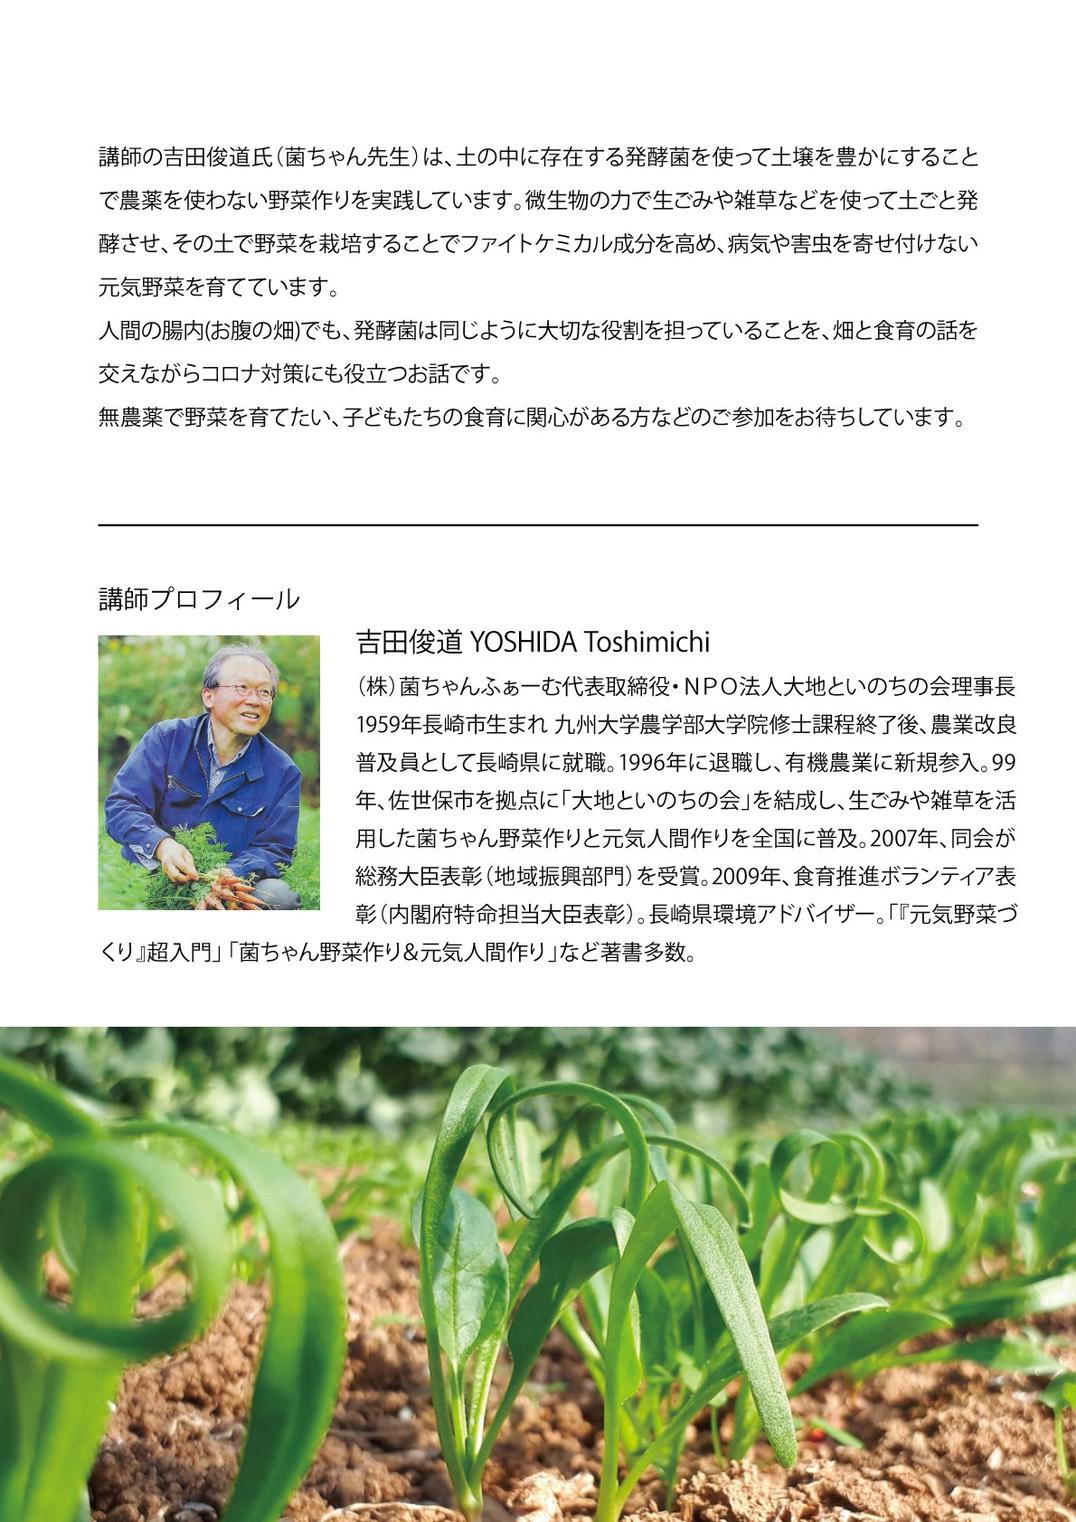 菌ちゃん先生「元気野菜作りと食育」講演会のちらし